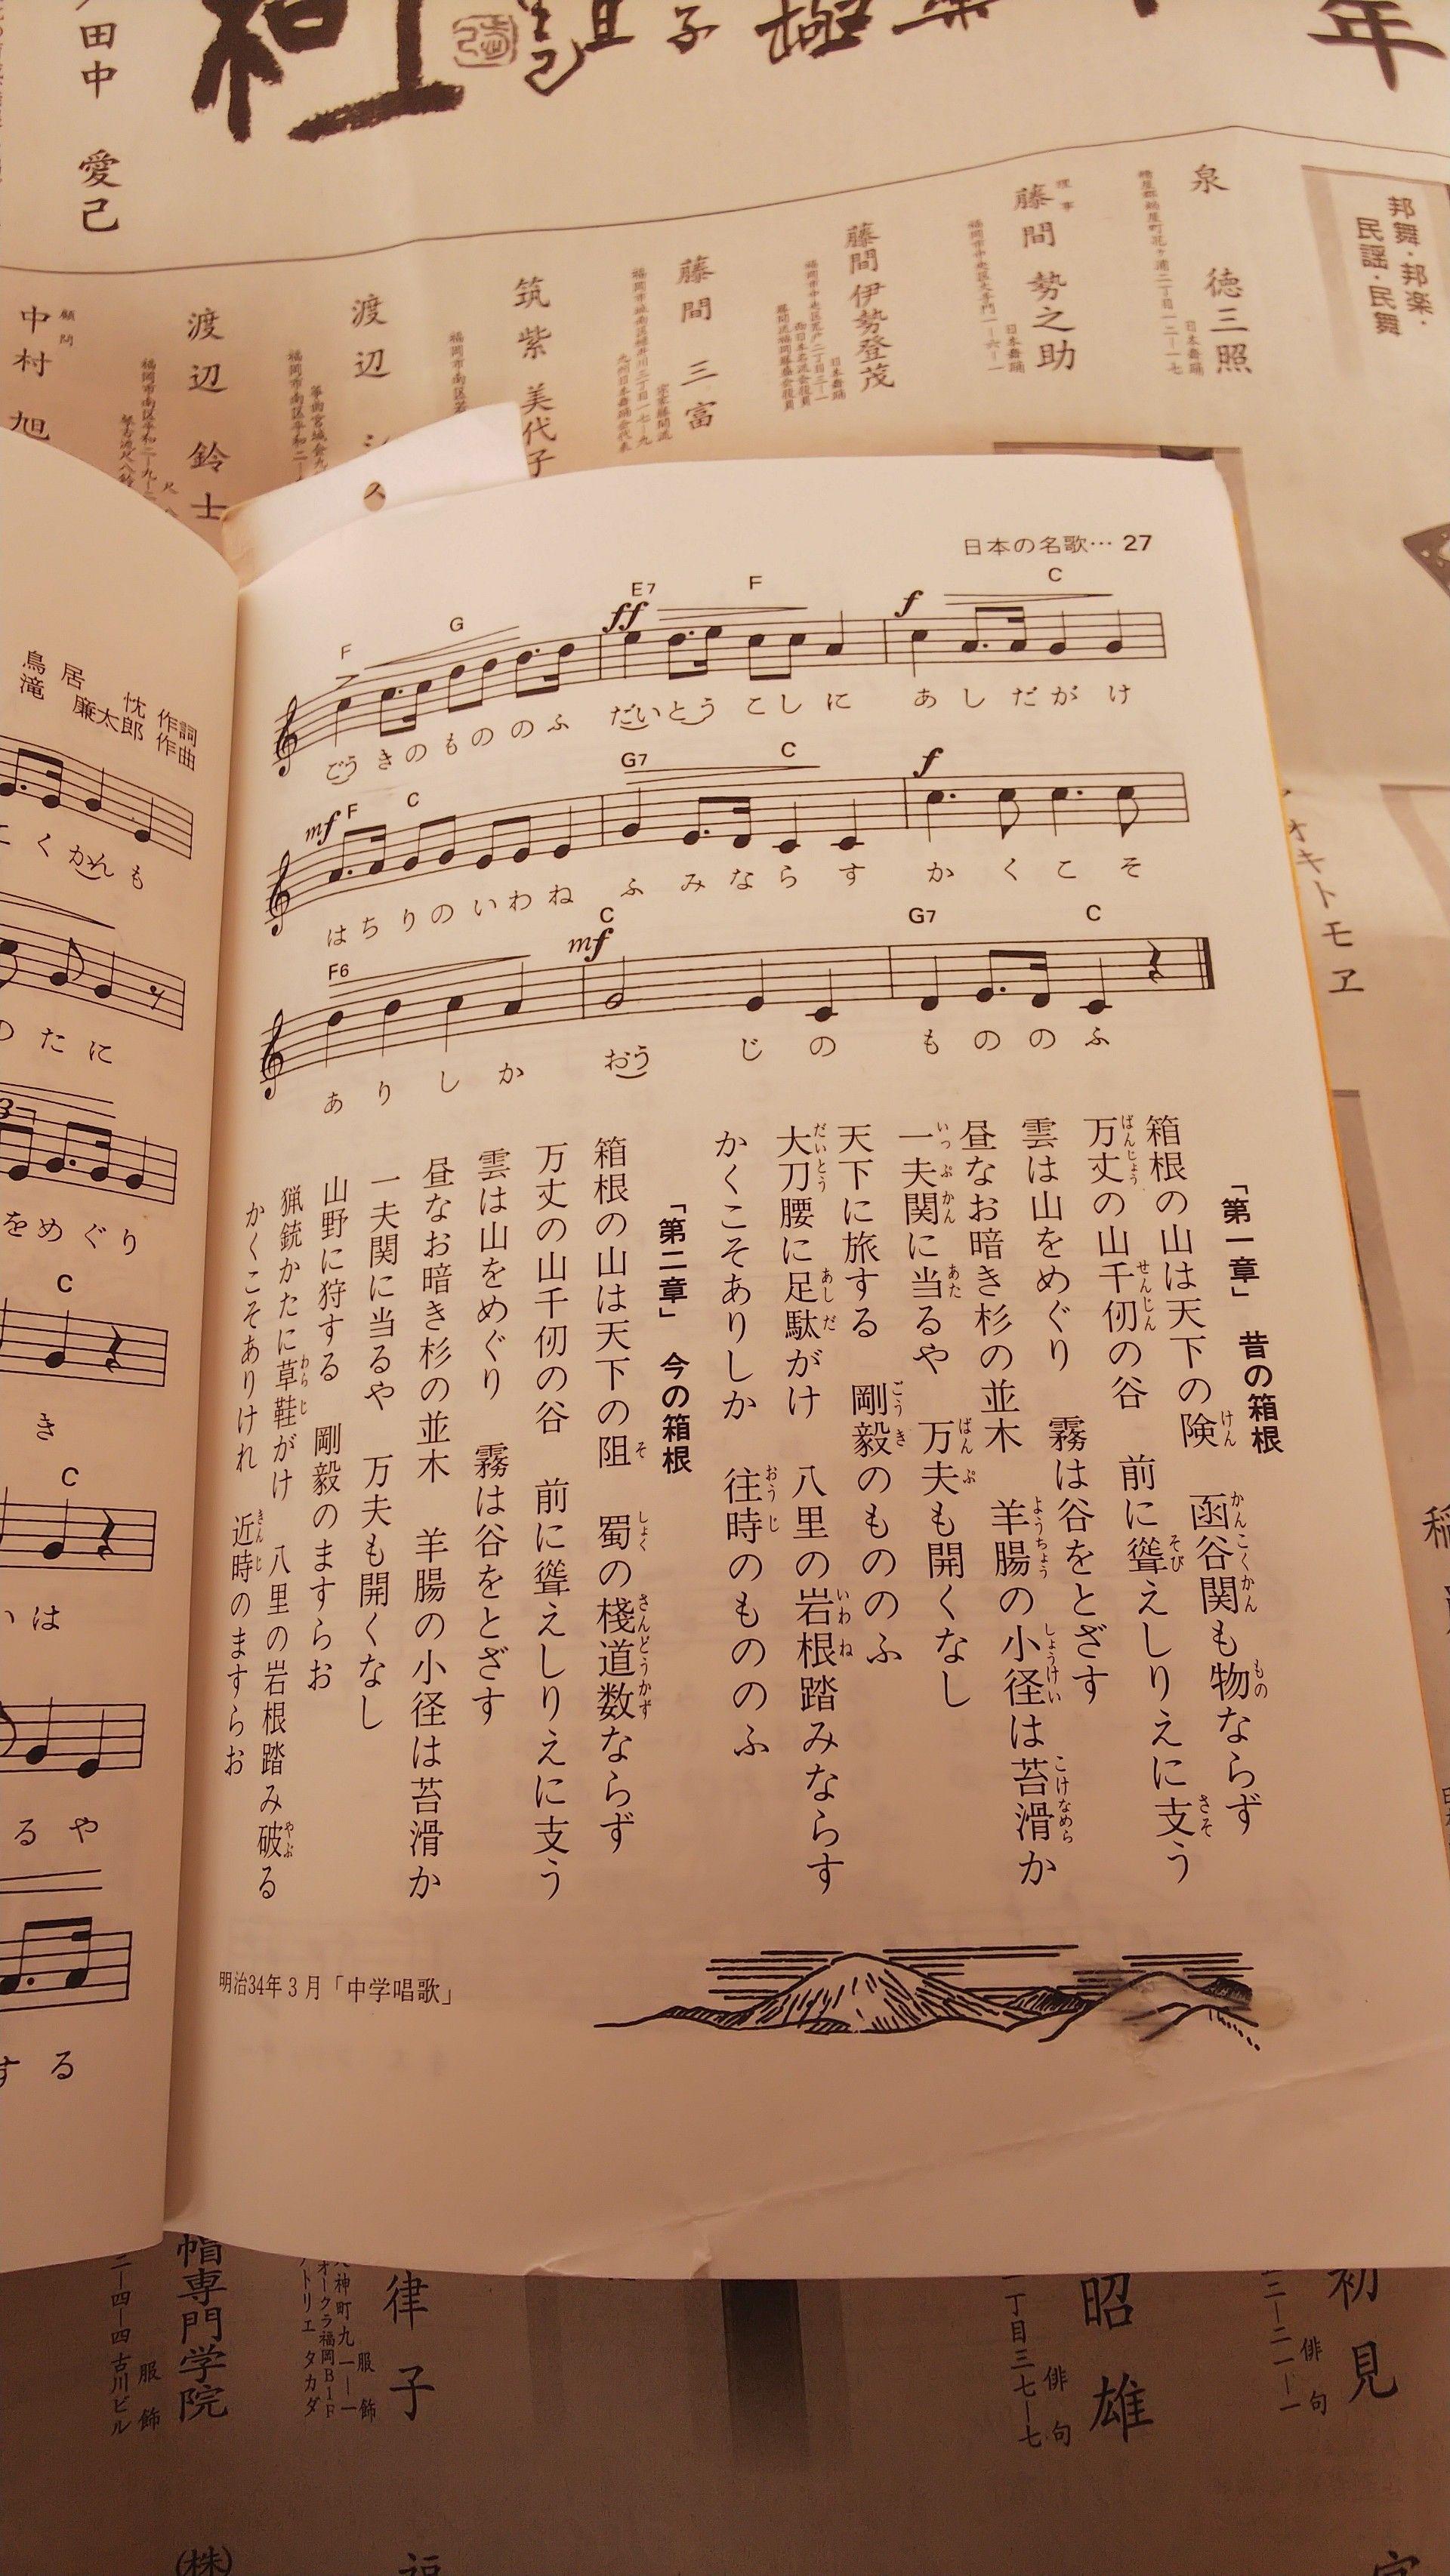 家 系図 金五郎 玉井